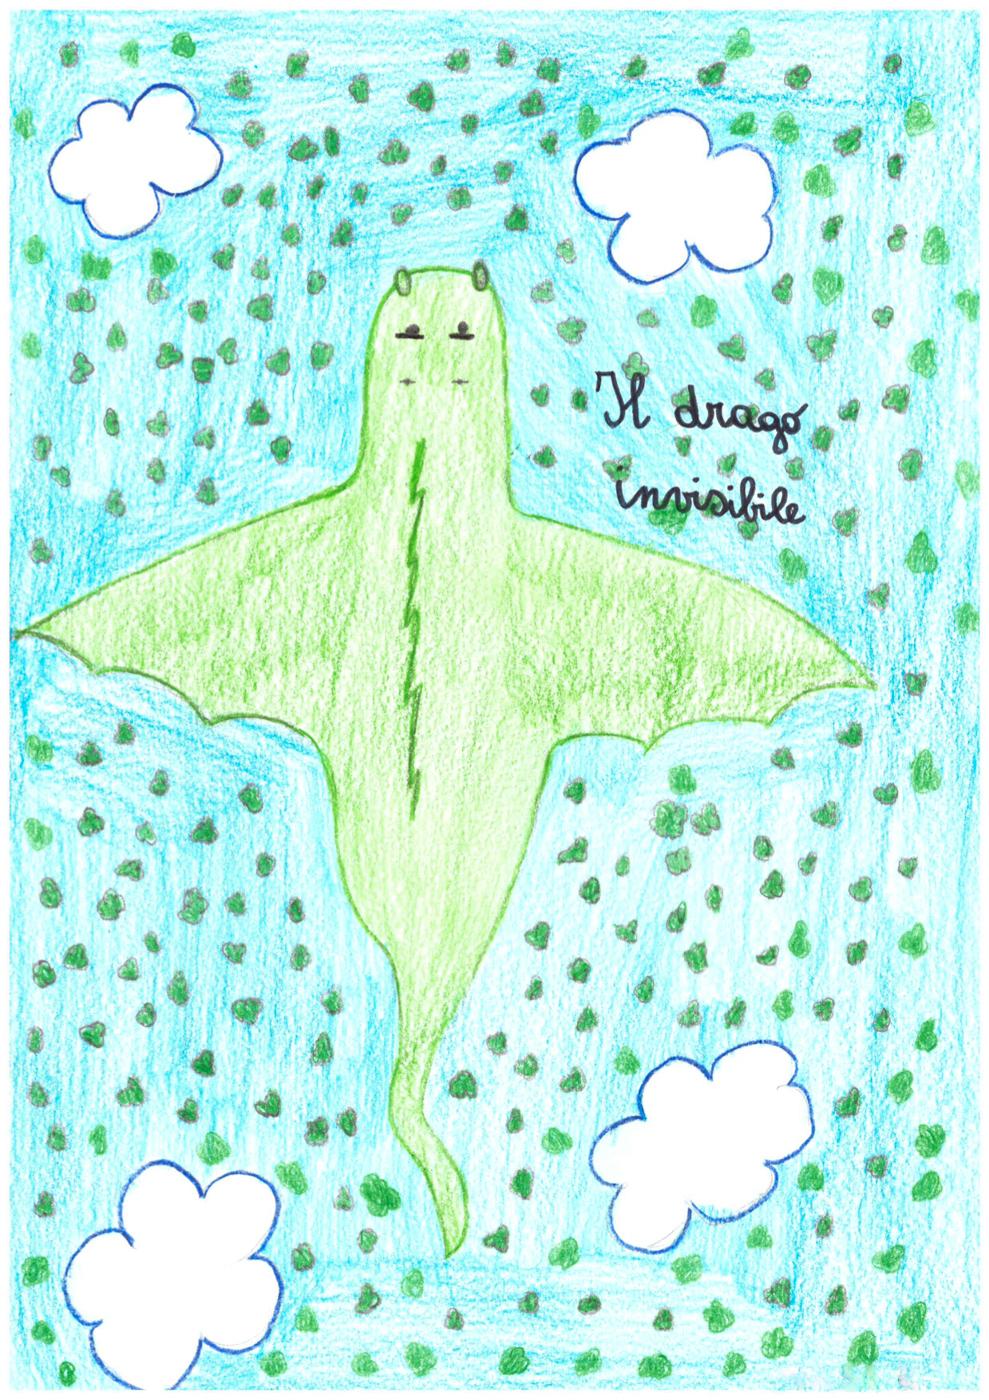 il drago invisibile